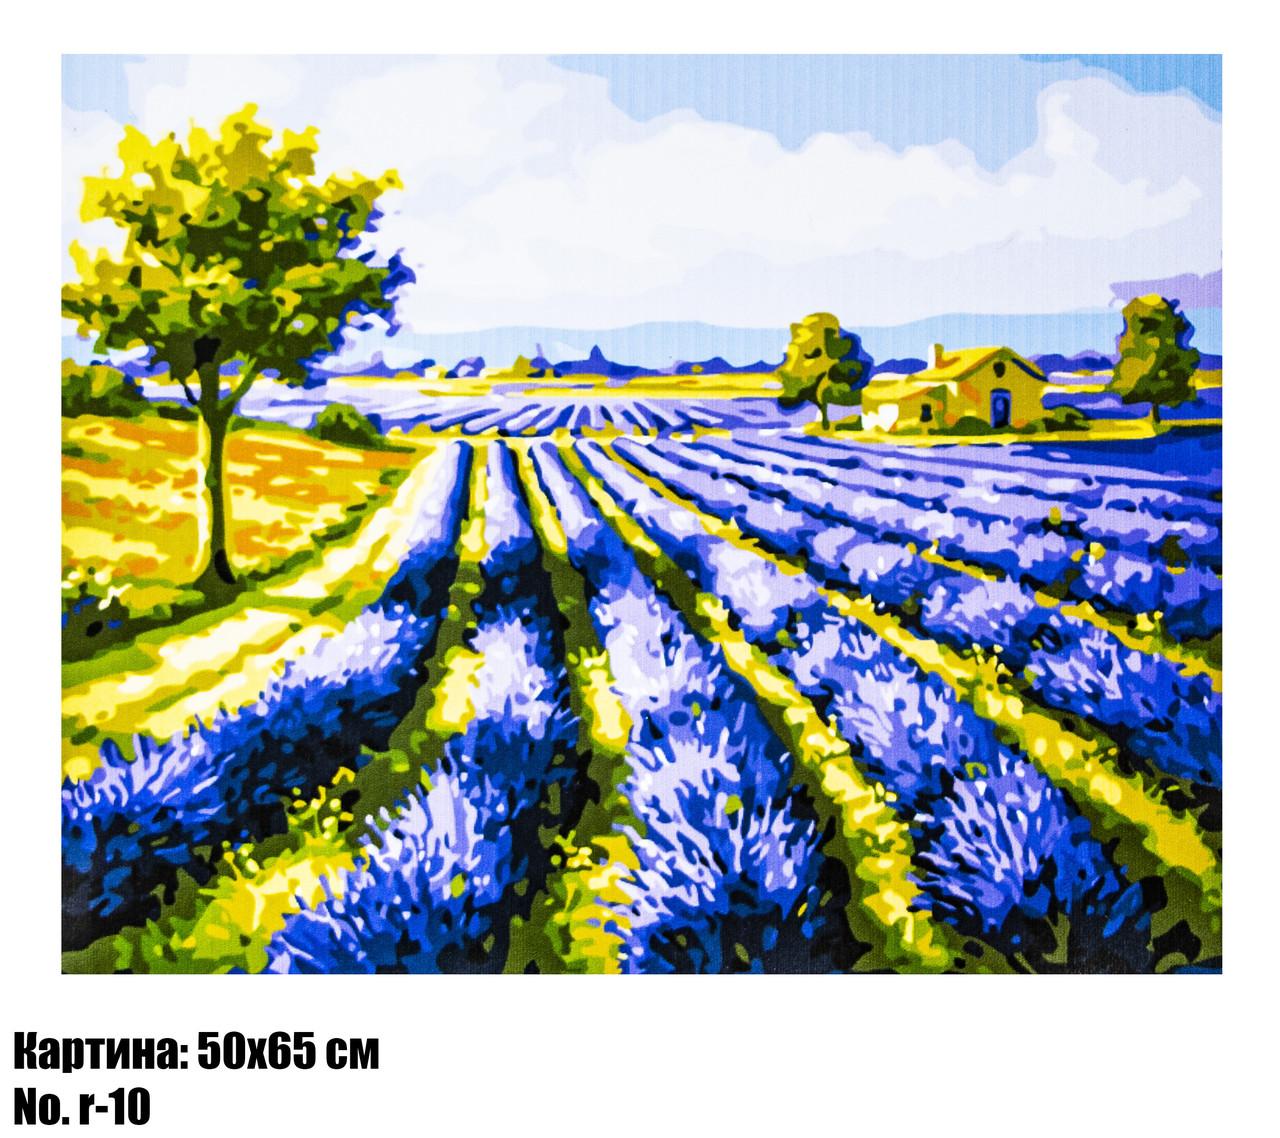 Картина по номерам R-10 50 х 65 см